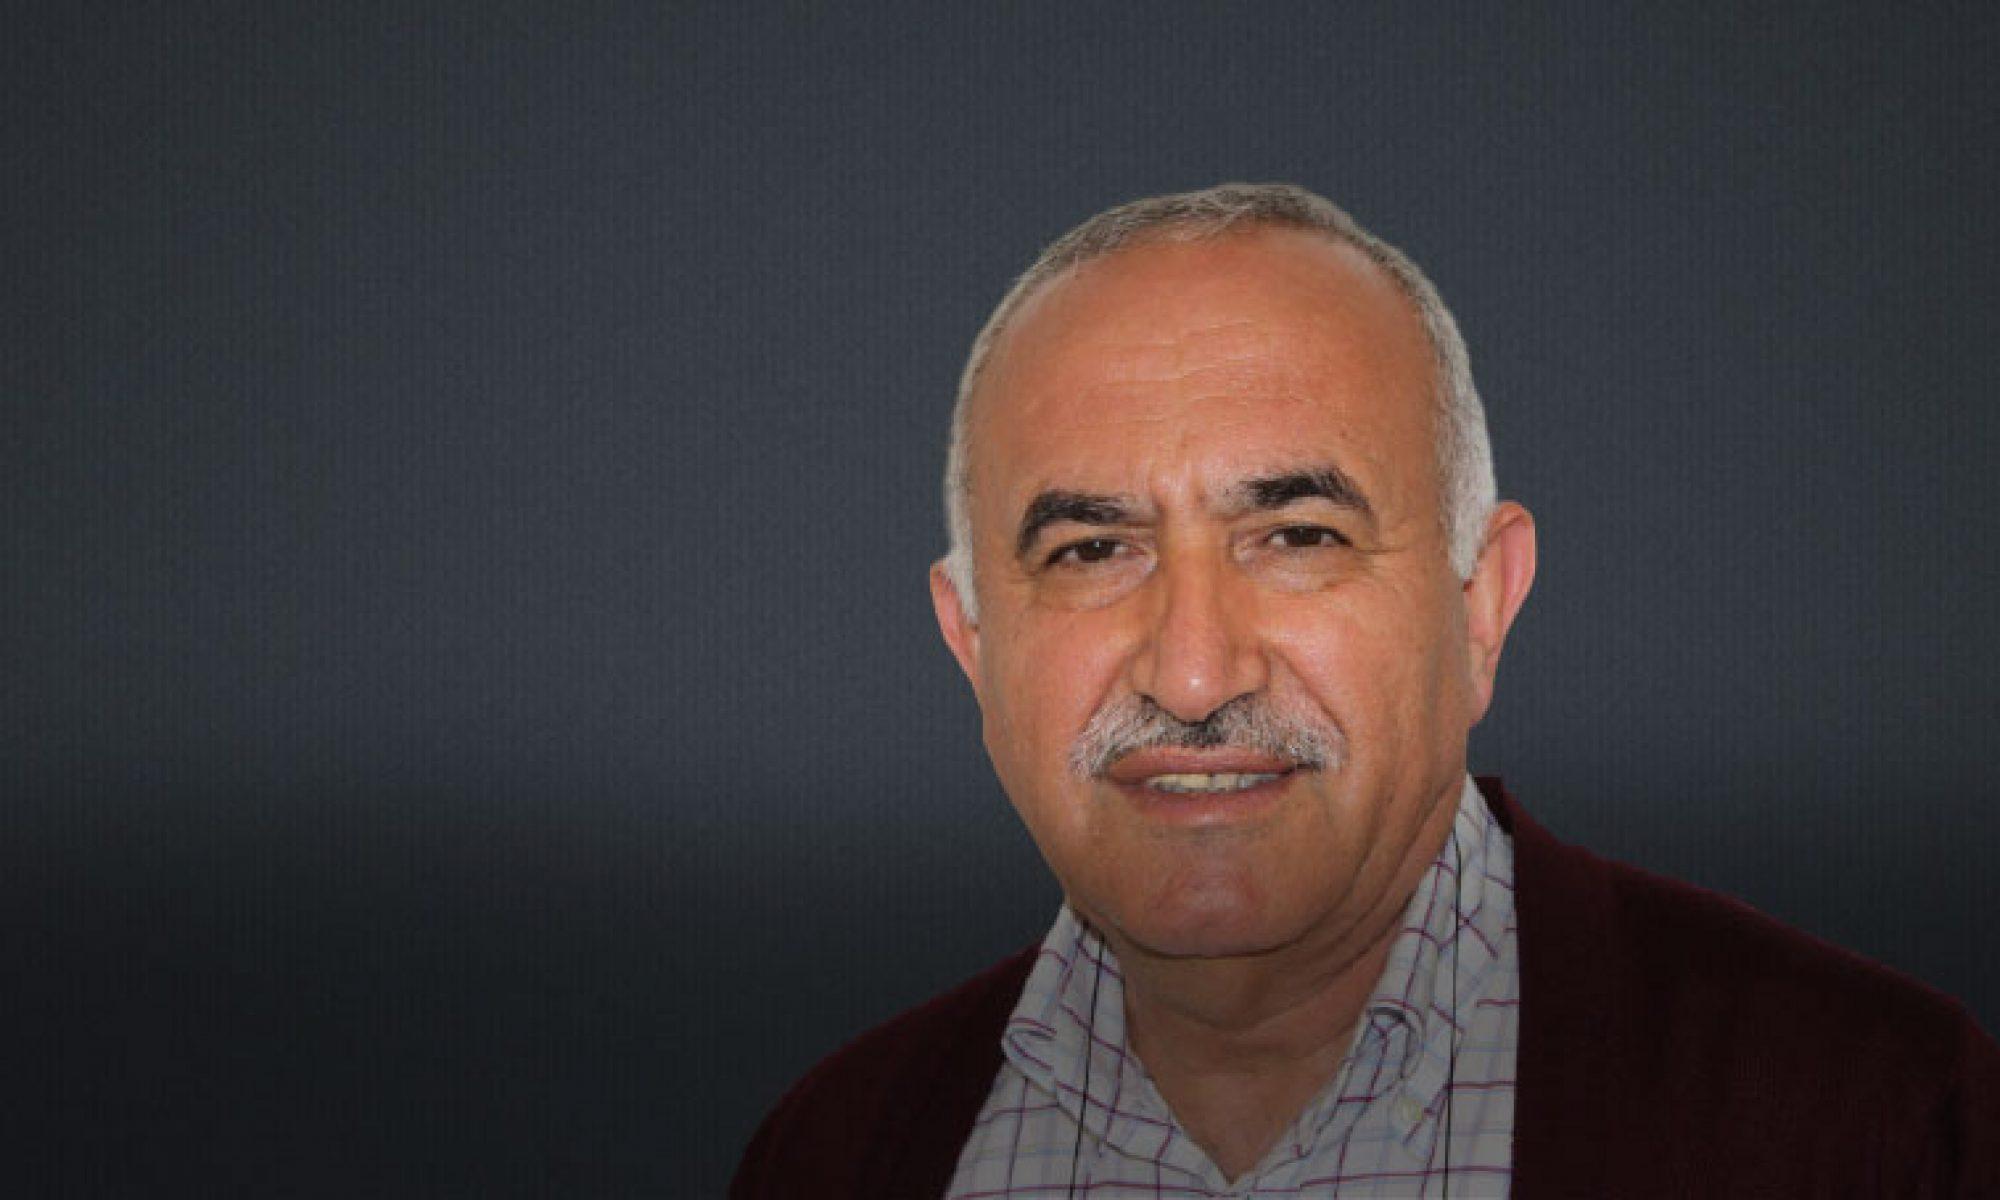 Çürükkaya: Tüm Kürt partileri PKK'nin Kürdistan Bölgesi'ndeki eylemlerine karşı tavır almalı, Kürdistan Bölgesel Yönetimi,